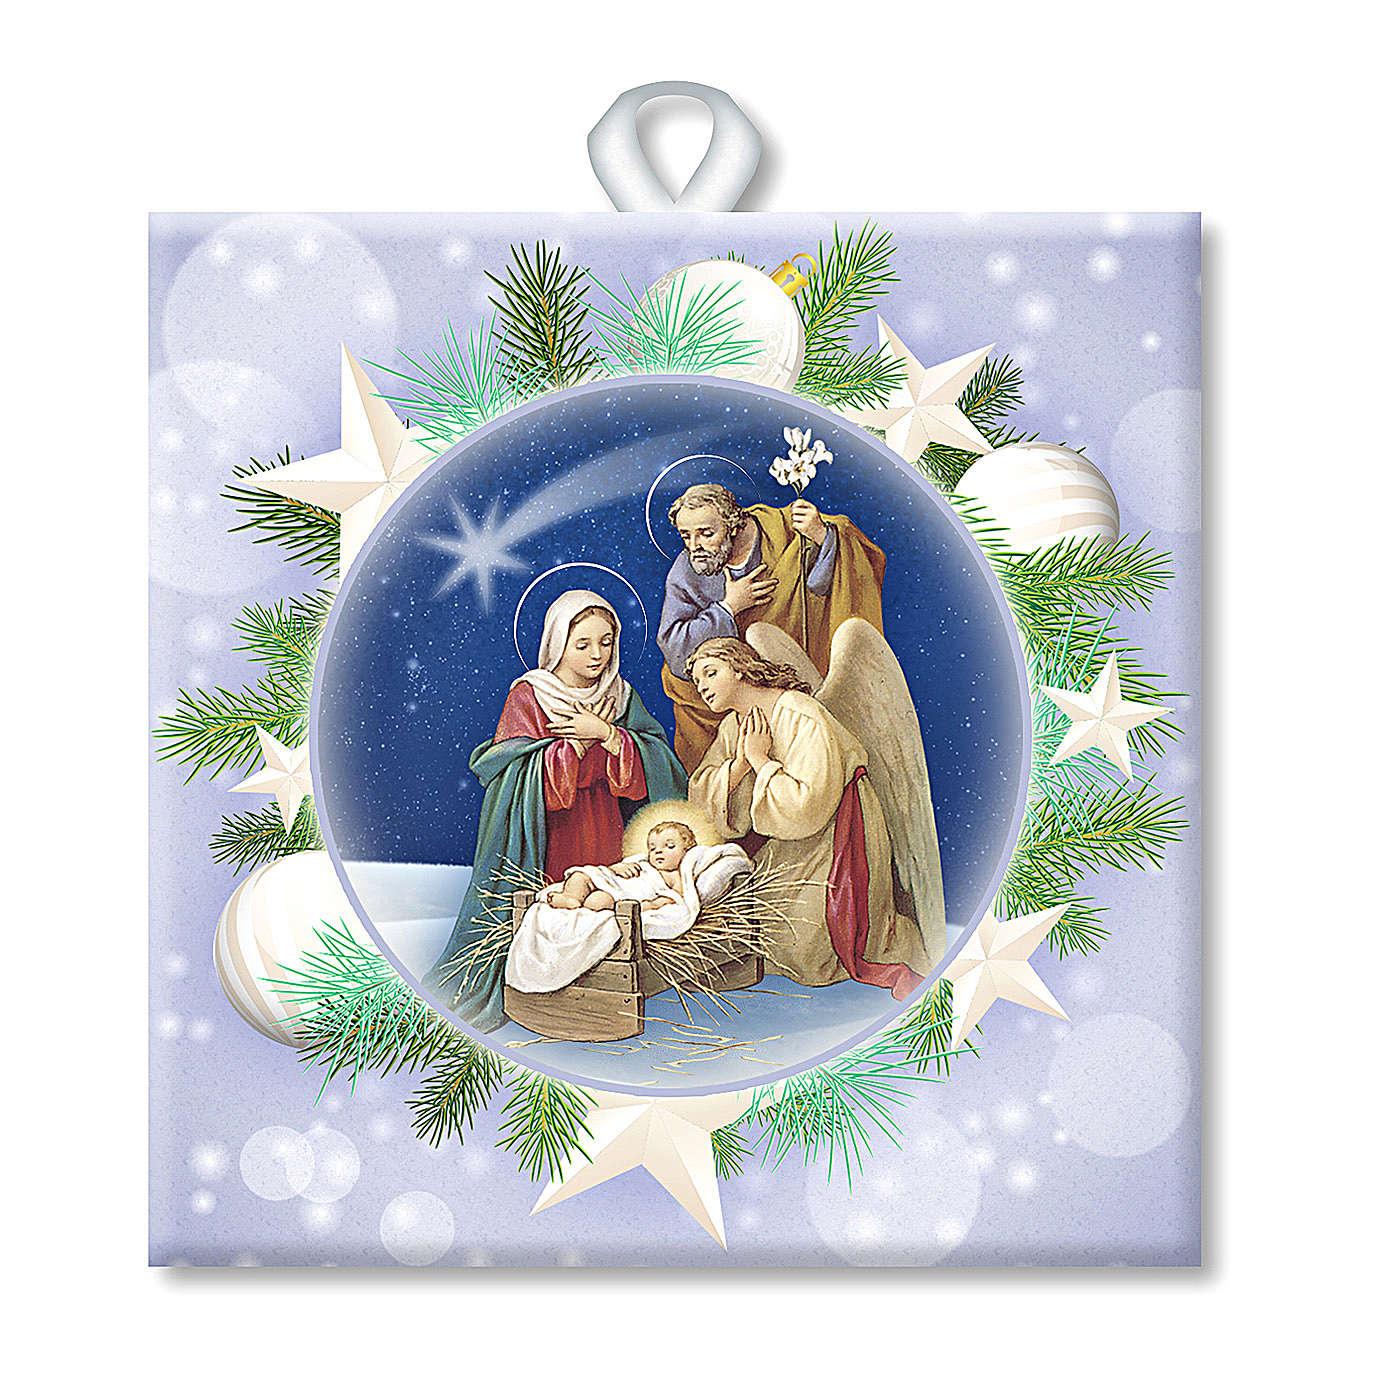 Piastrella ceramica stampata immagine Sacra Famiglia preghiera retro 3